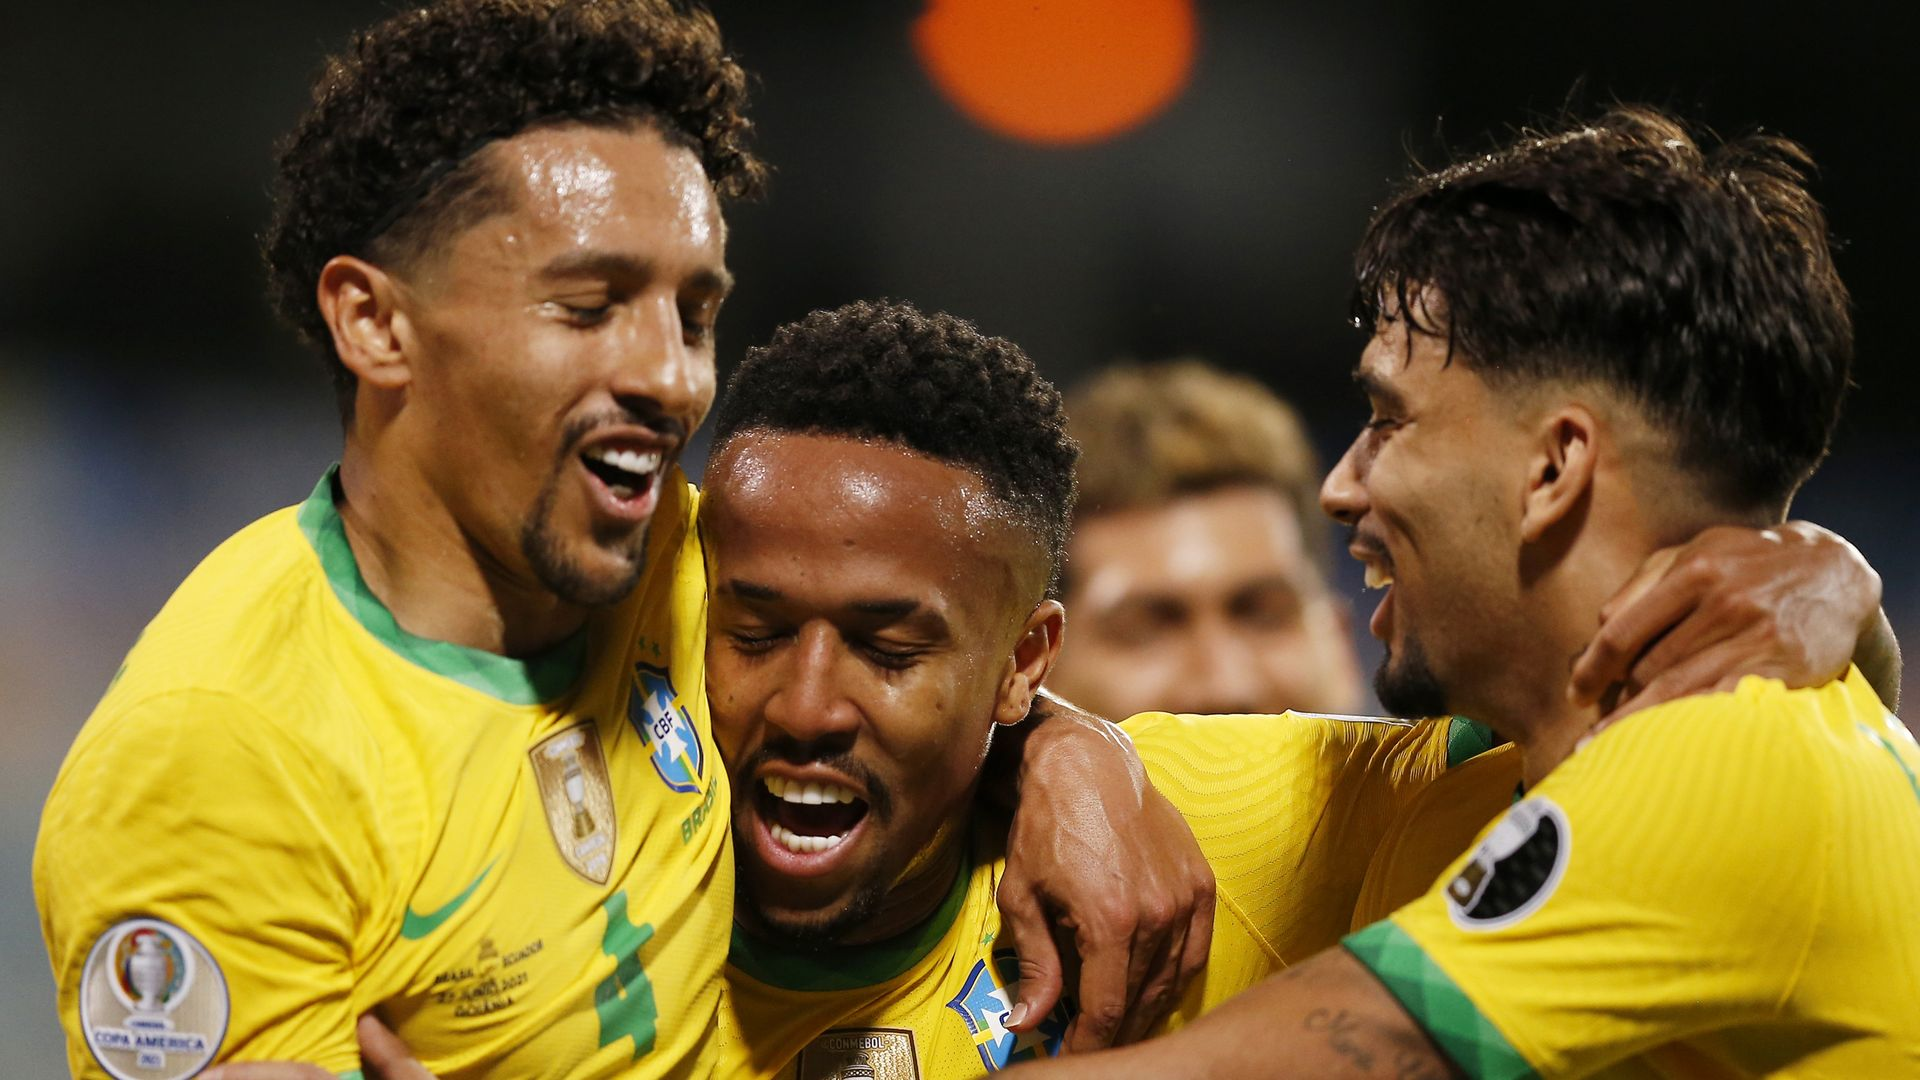 Copa America : Le Brésil élimine le Chili (1-0) et file vers les demi-finales